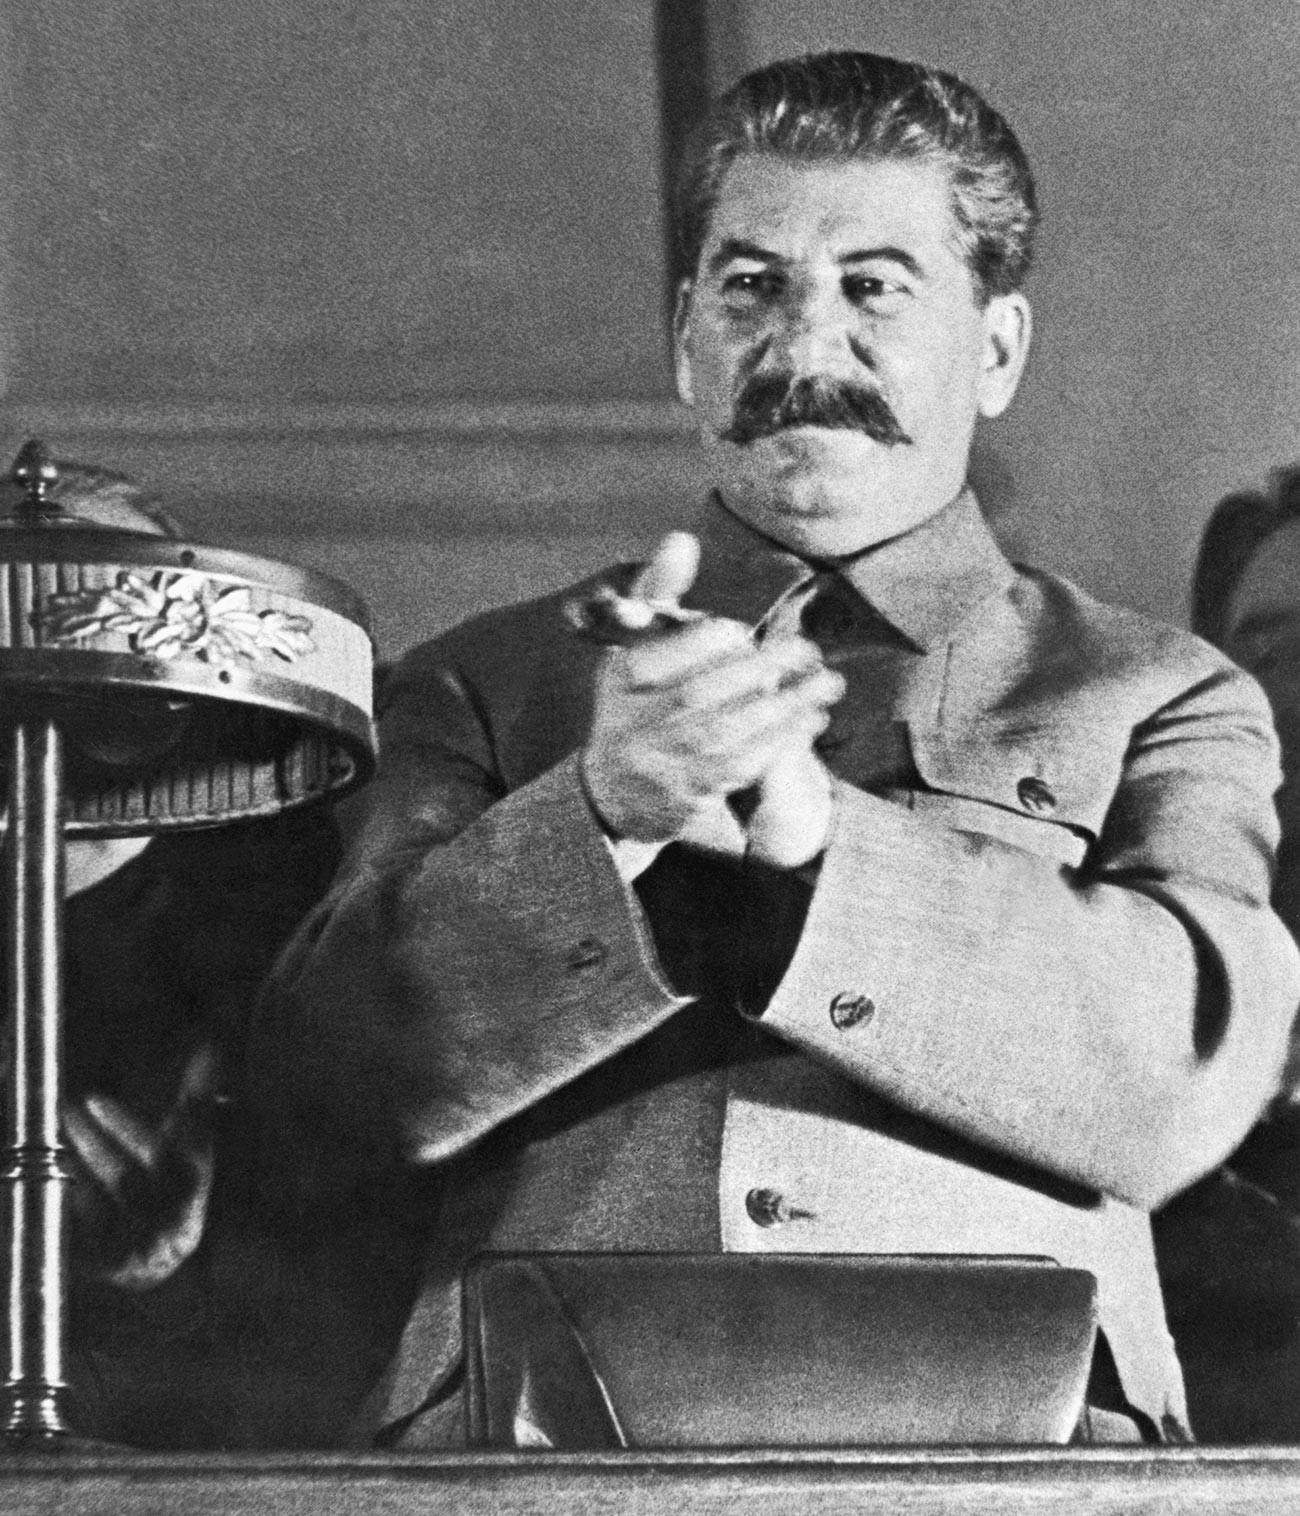 Stalin applaudiert einem Redner, der während des achten Sowjetkongresses über Stalins Bericht über den Entwurf der neuen Verfassung der UdSSR spricht.